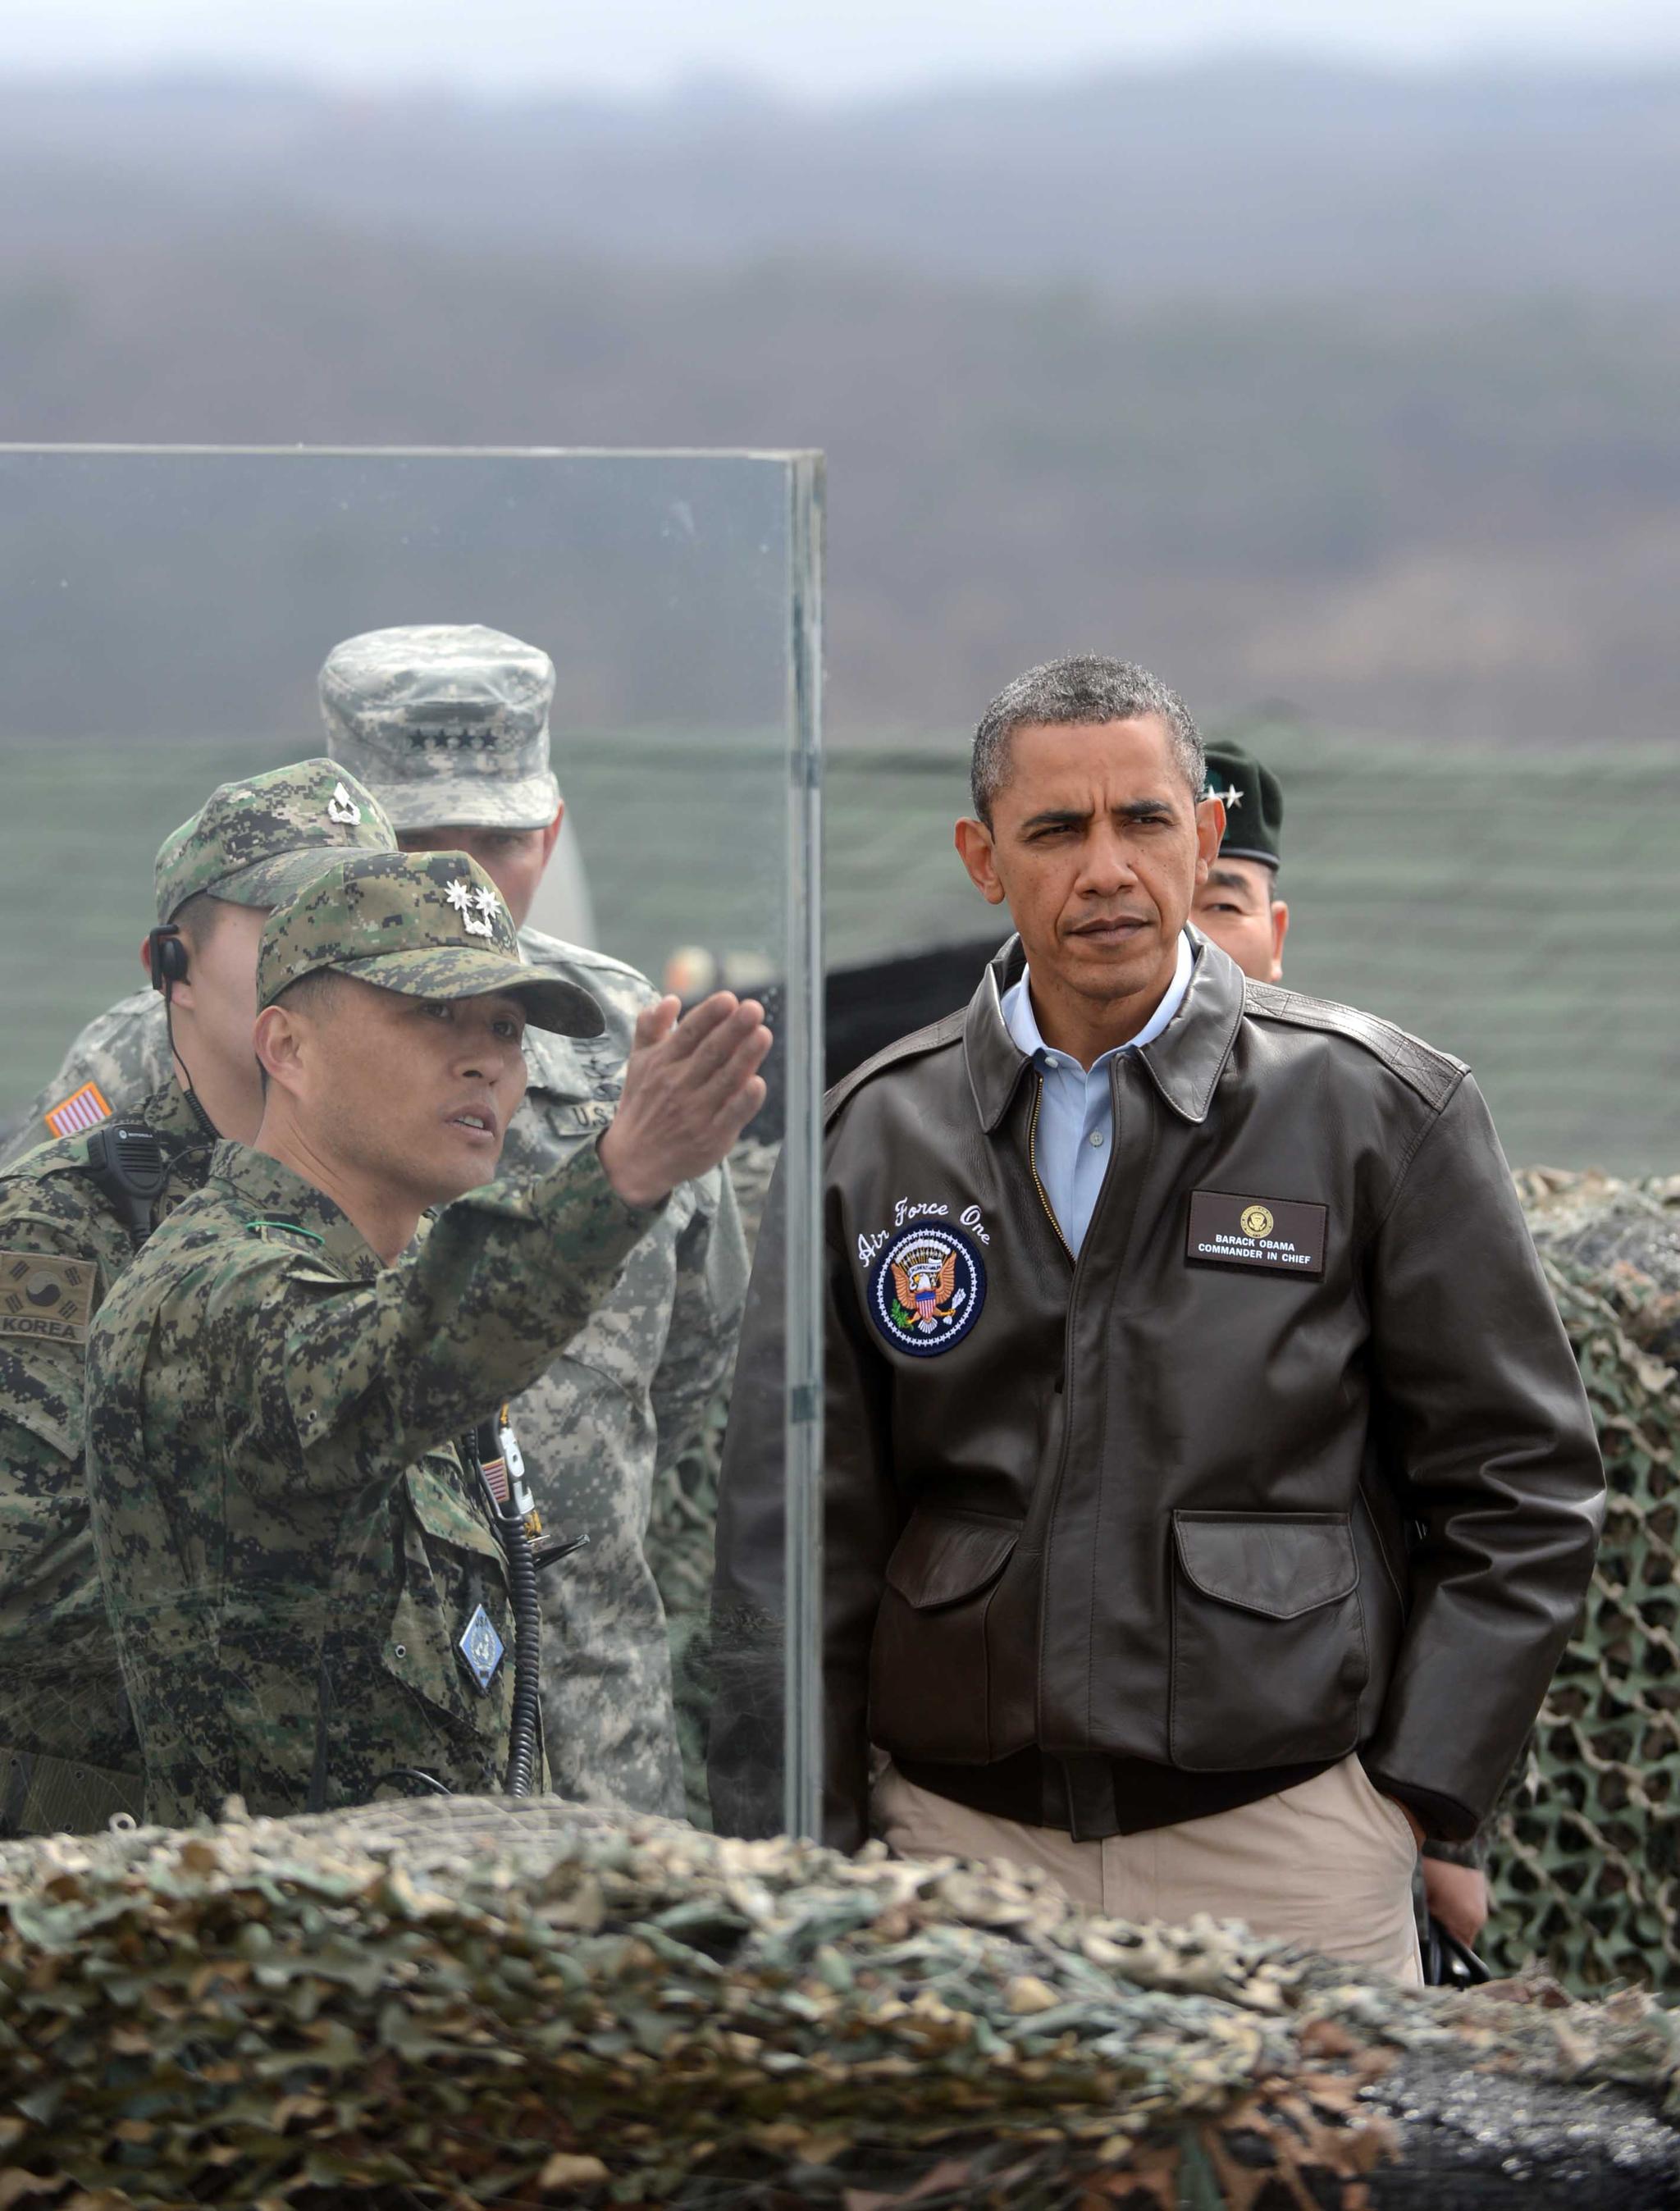 2012핵안보정상회의를 위해 2012년 3월 25일 새벽 방한한 오바마 미대통령이 판문점 공동경비구역을 방문하여 오피오울렛에서 관계자들의 설명을 듣고 있다. 판문점 공동경비구역=사진공동취재단